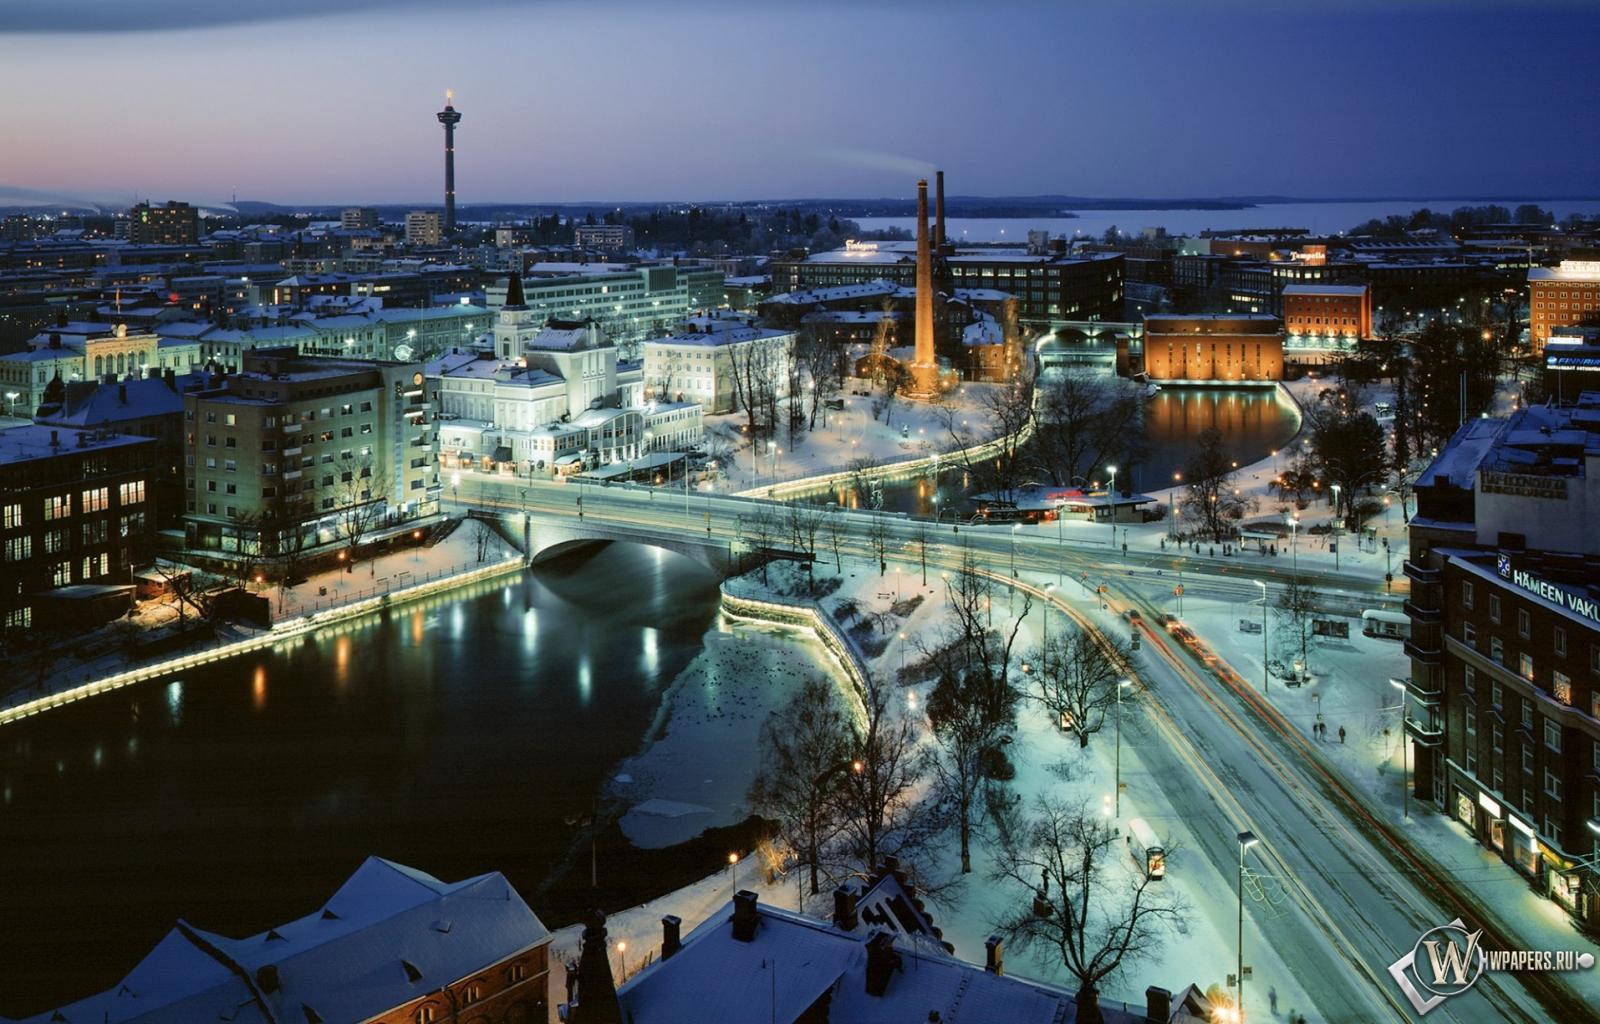 Финляндия тампере 1366x768